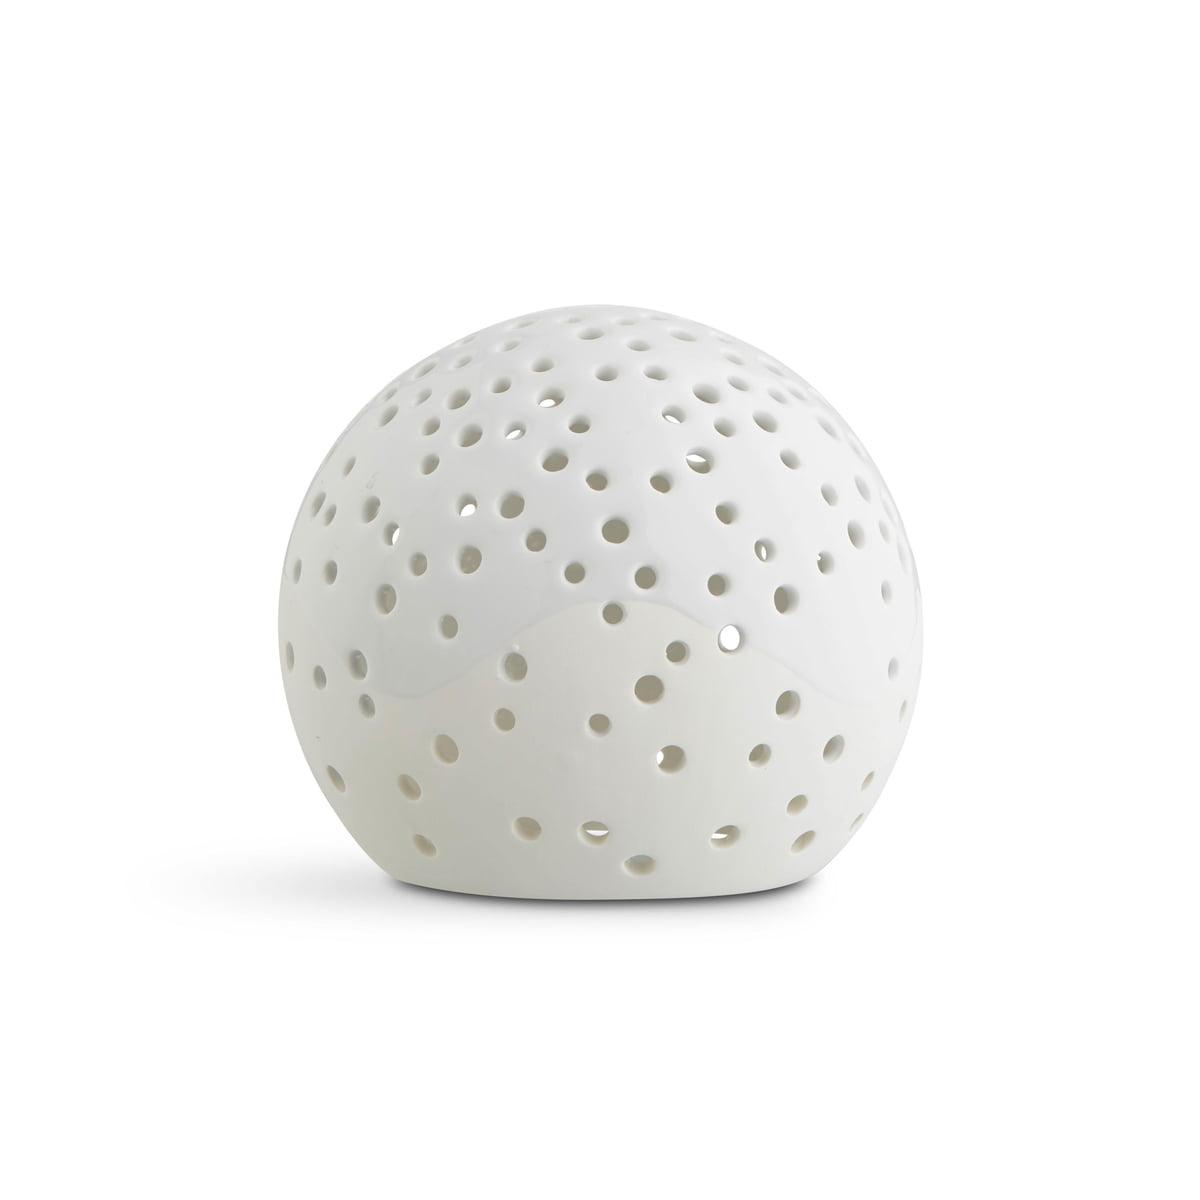 Kähler Design - Nobili Teelichtleuchter Kugel Ø 14 cm, weiß | Dekoration > Kerzen und Kerzenständer > Teelichter | Schneeweiß | Keramik | Kähler Design